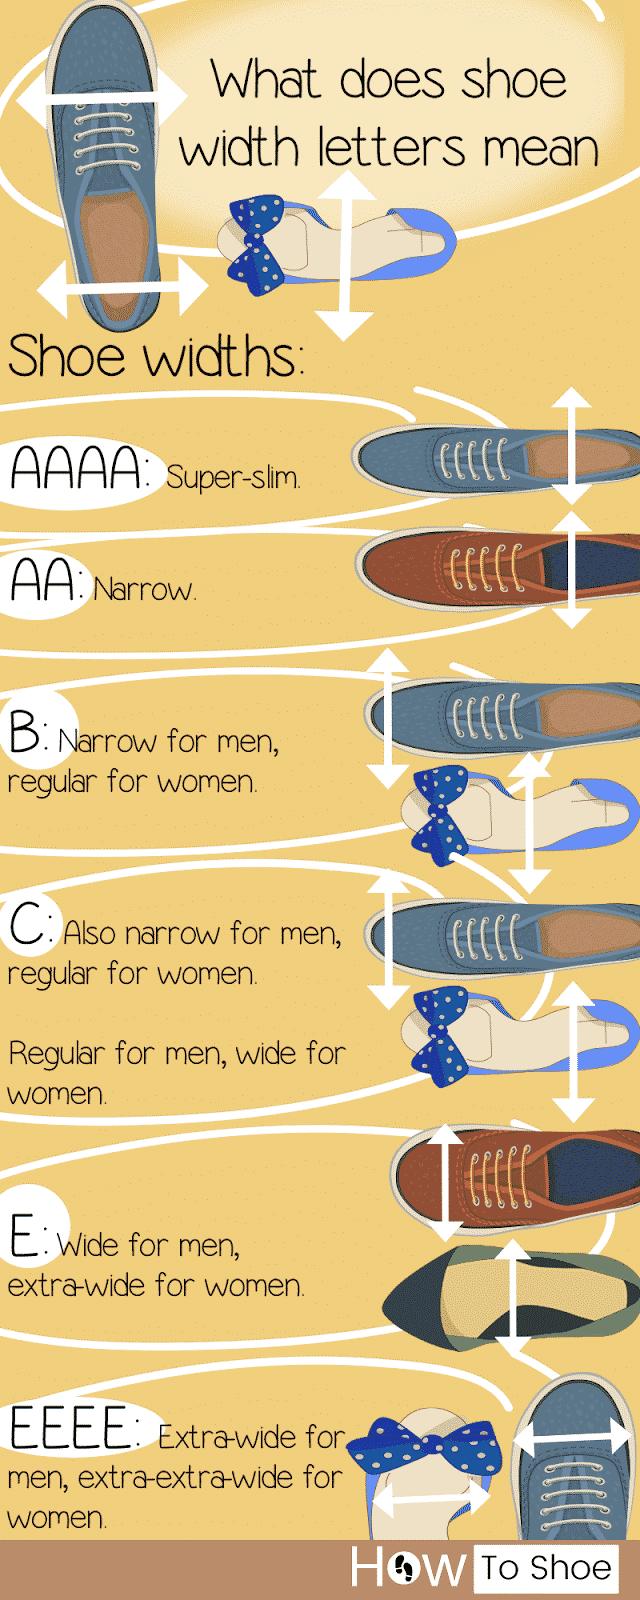 shoe width letters mean